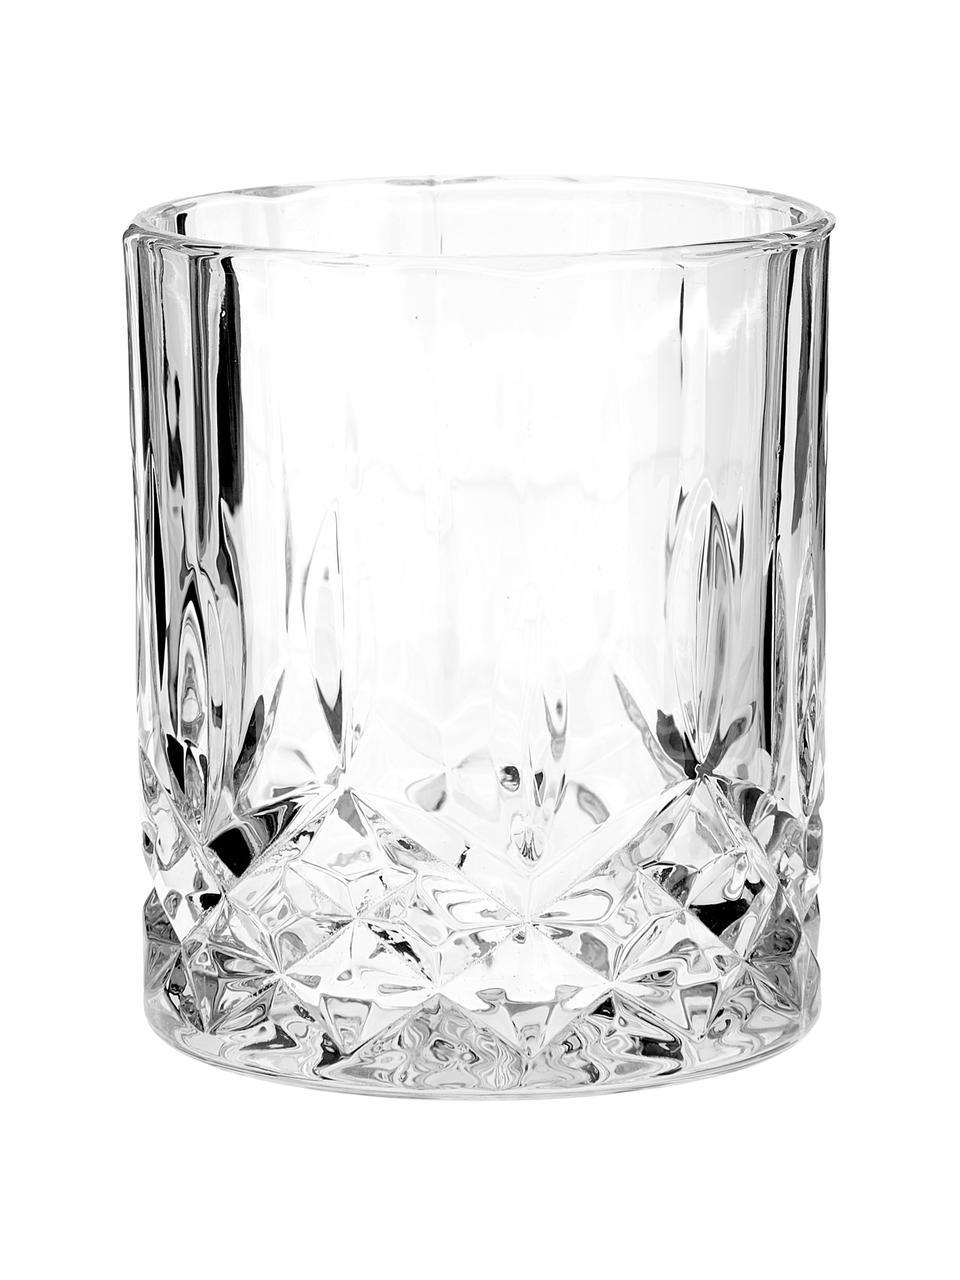 Szklanka do whiskey George, 4 szt., Szkło, Transparentny, Ø 8 x W 10 cm